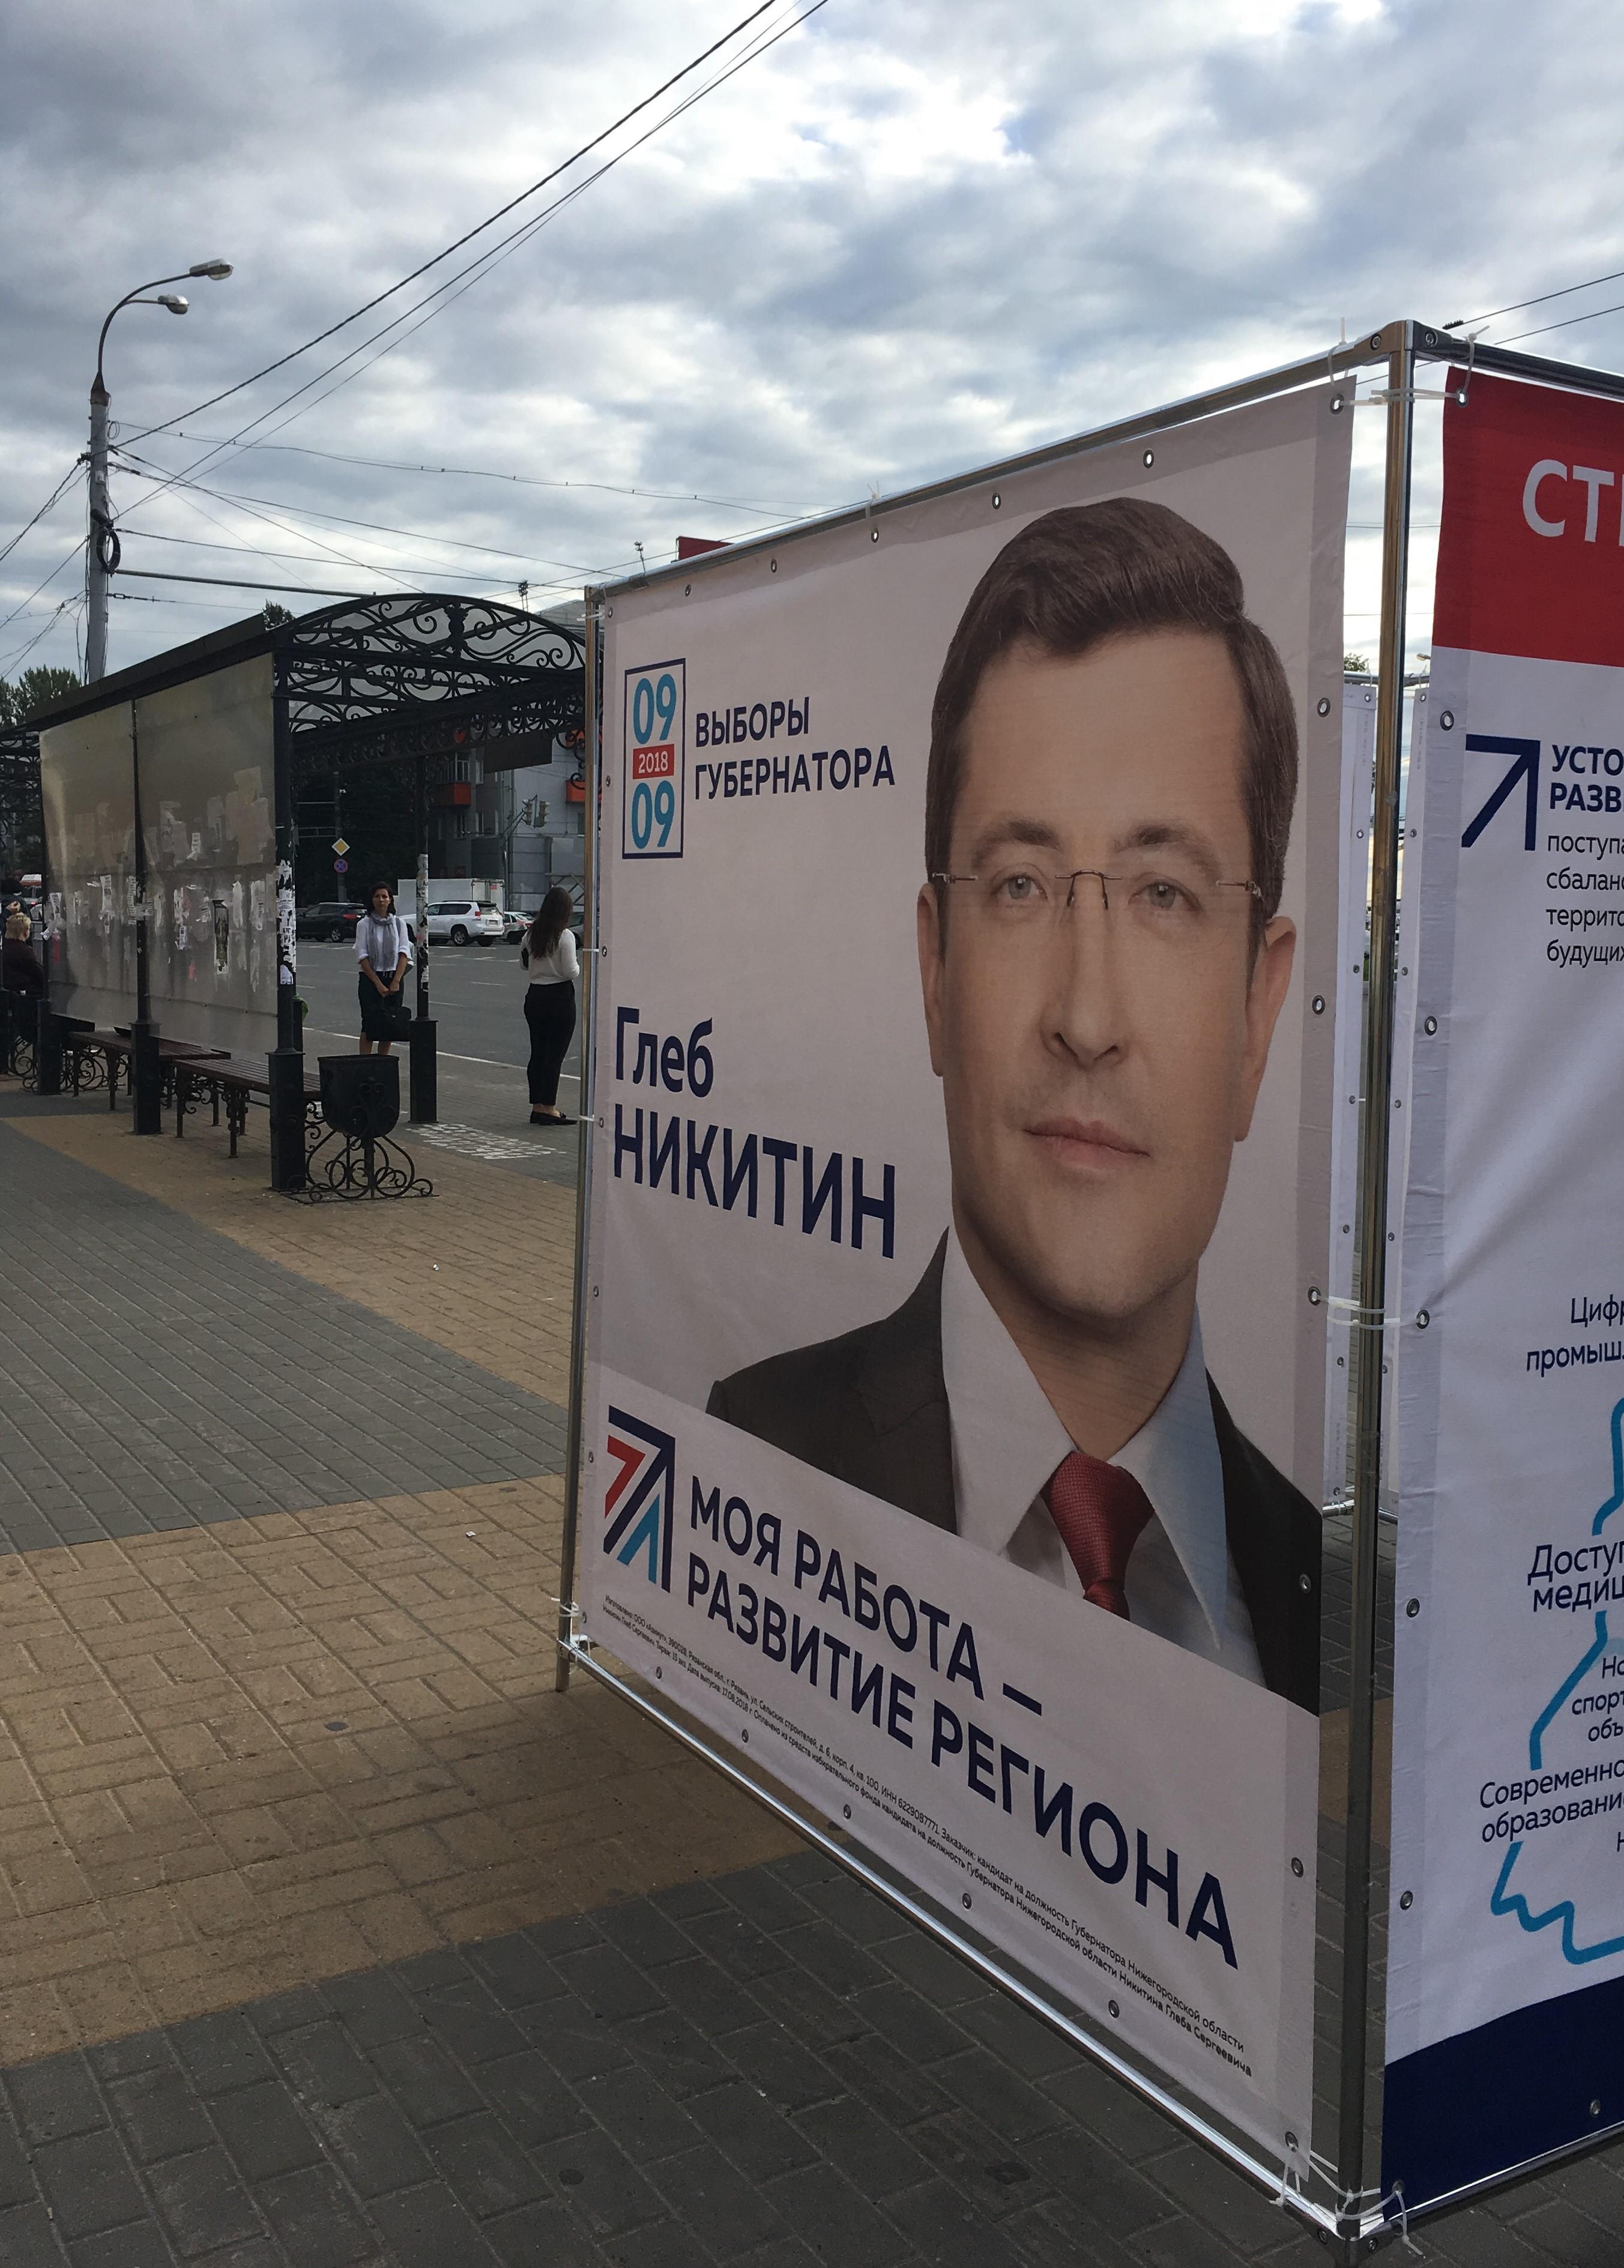 ▲▼俄國選舉靠「這招」上位!機器投票超新奇 連歪國人都可以幫忙灌票。(圖/俄式酸奶提供)